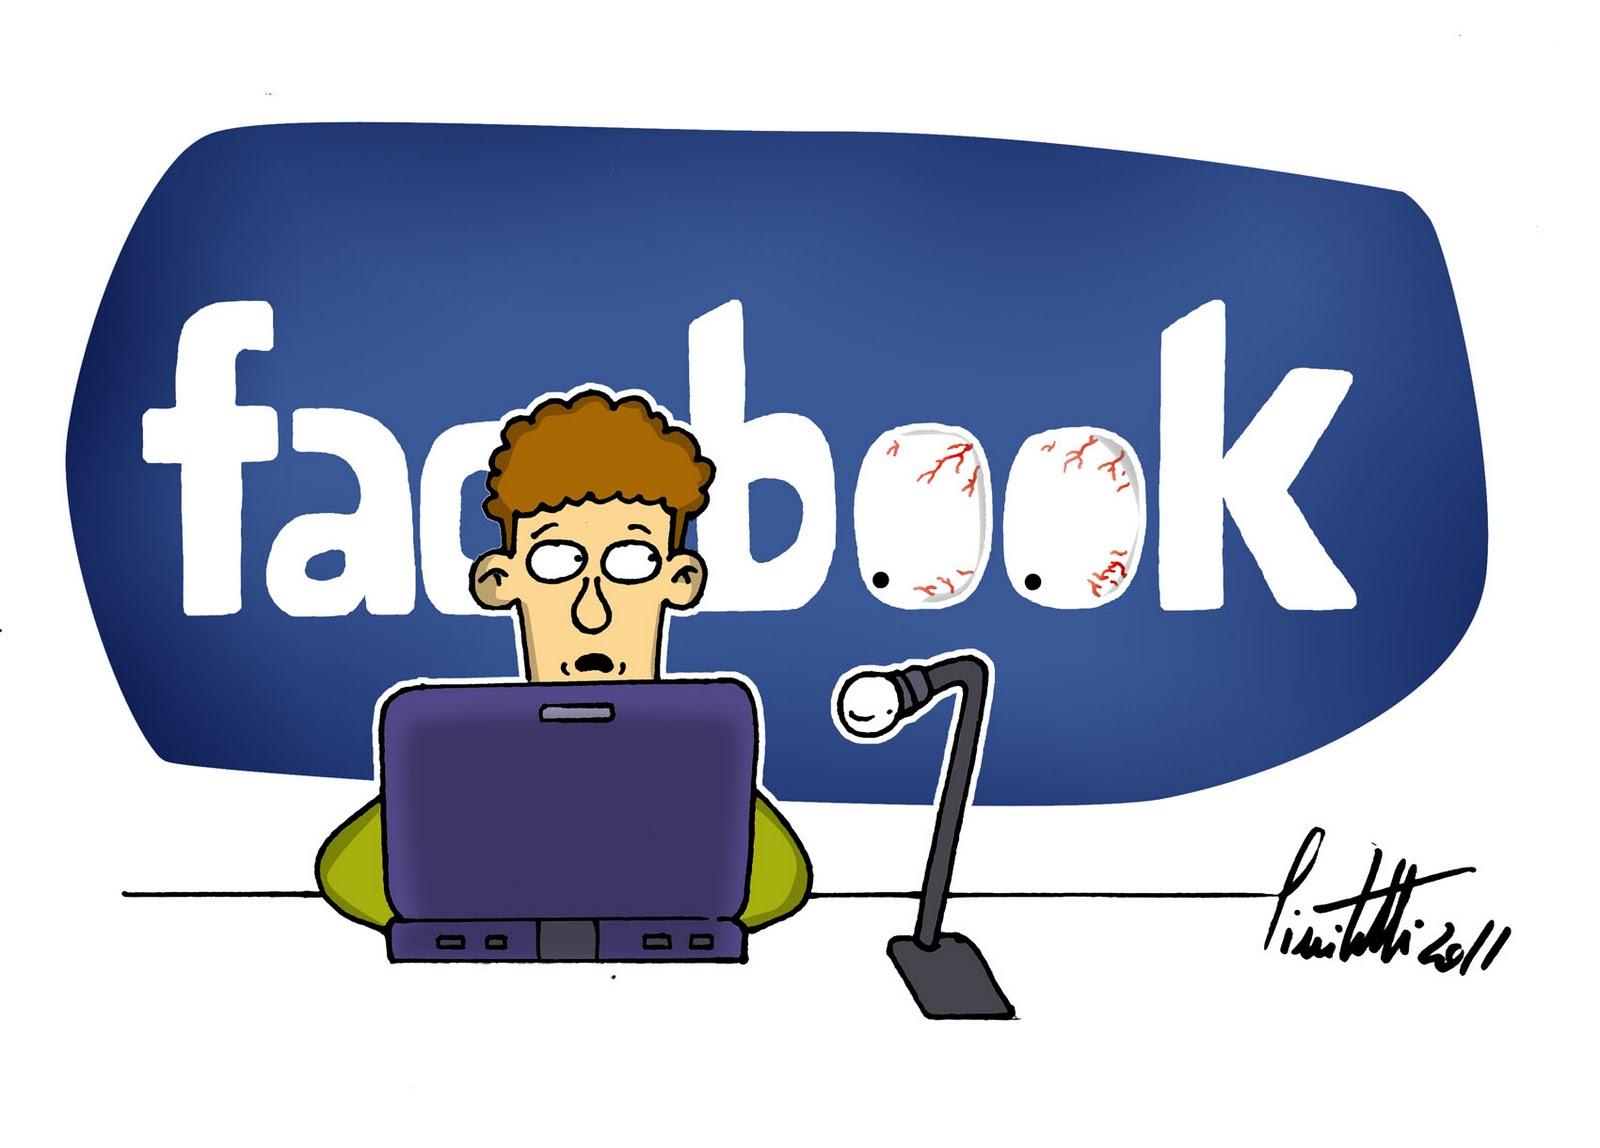 surveillancefb